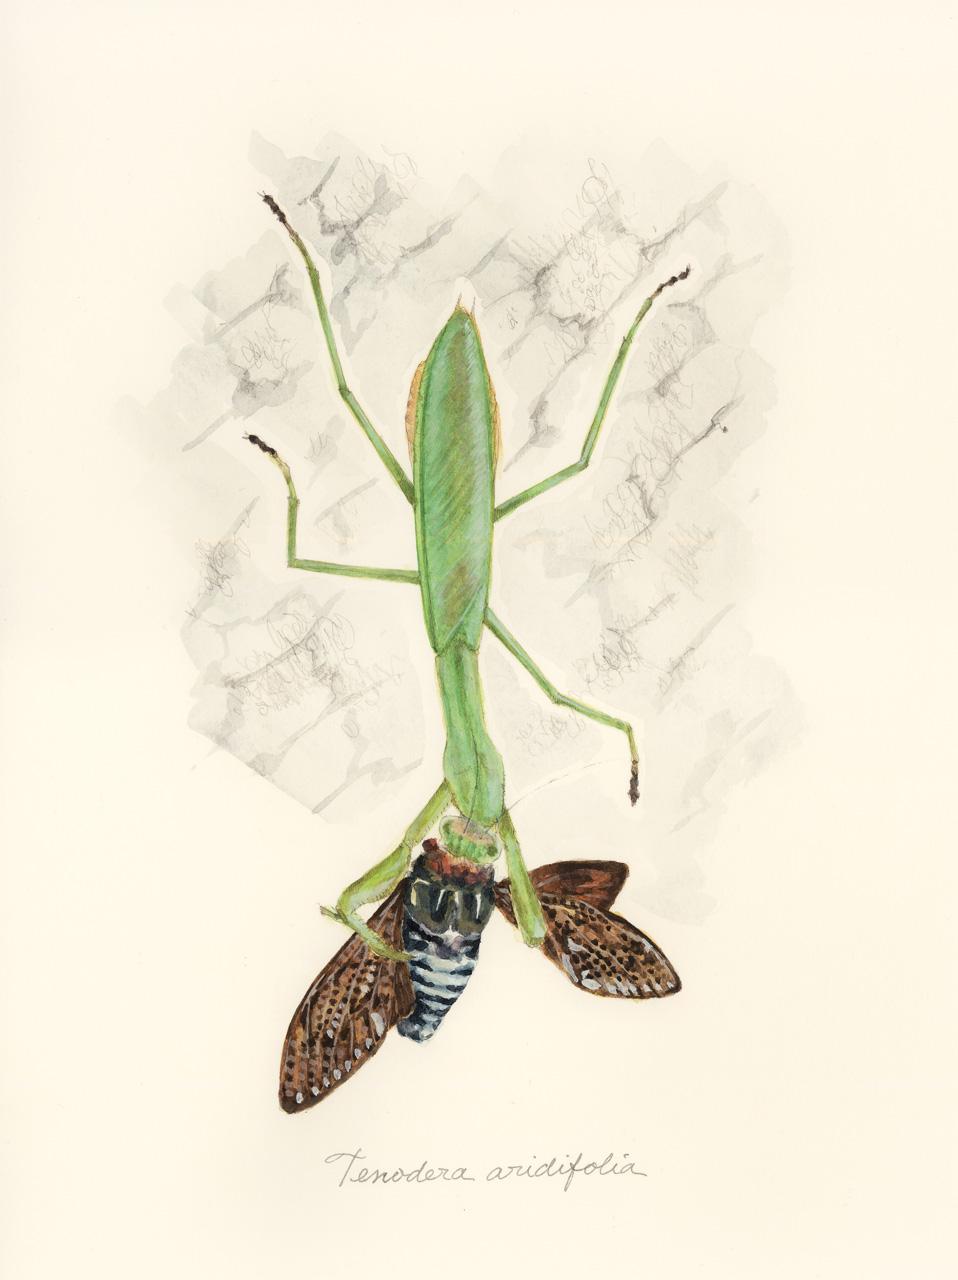 オオカマキリ Tenodera aridifolia